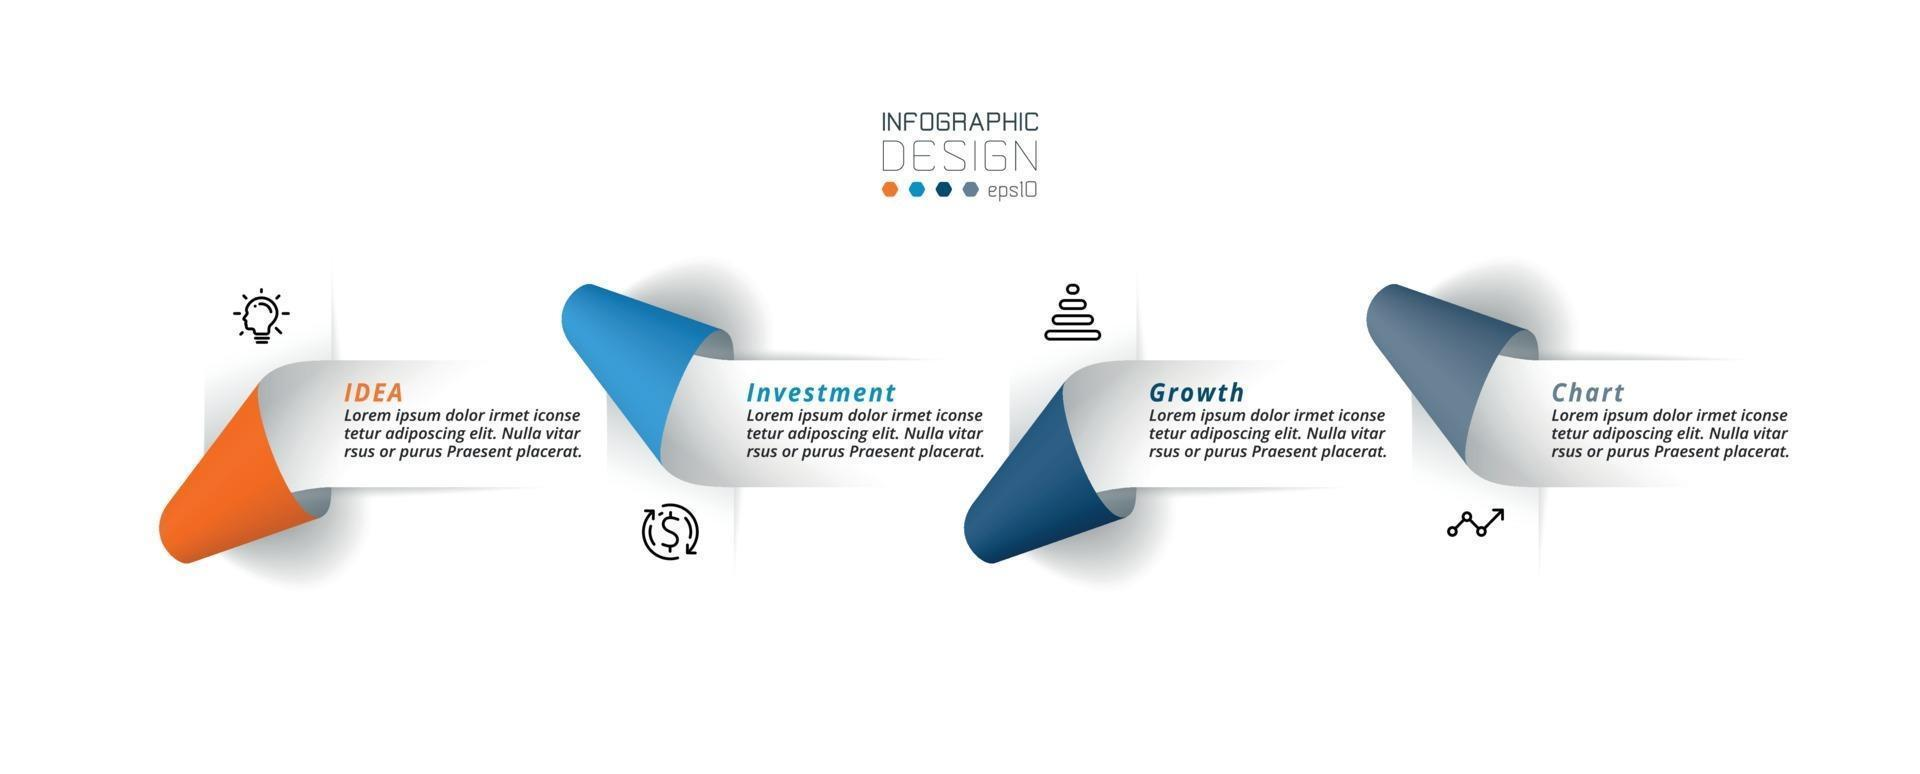 modelo de infográfico de negócios ou marketing. vetor